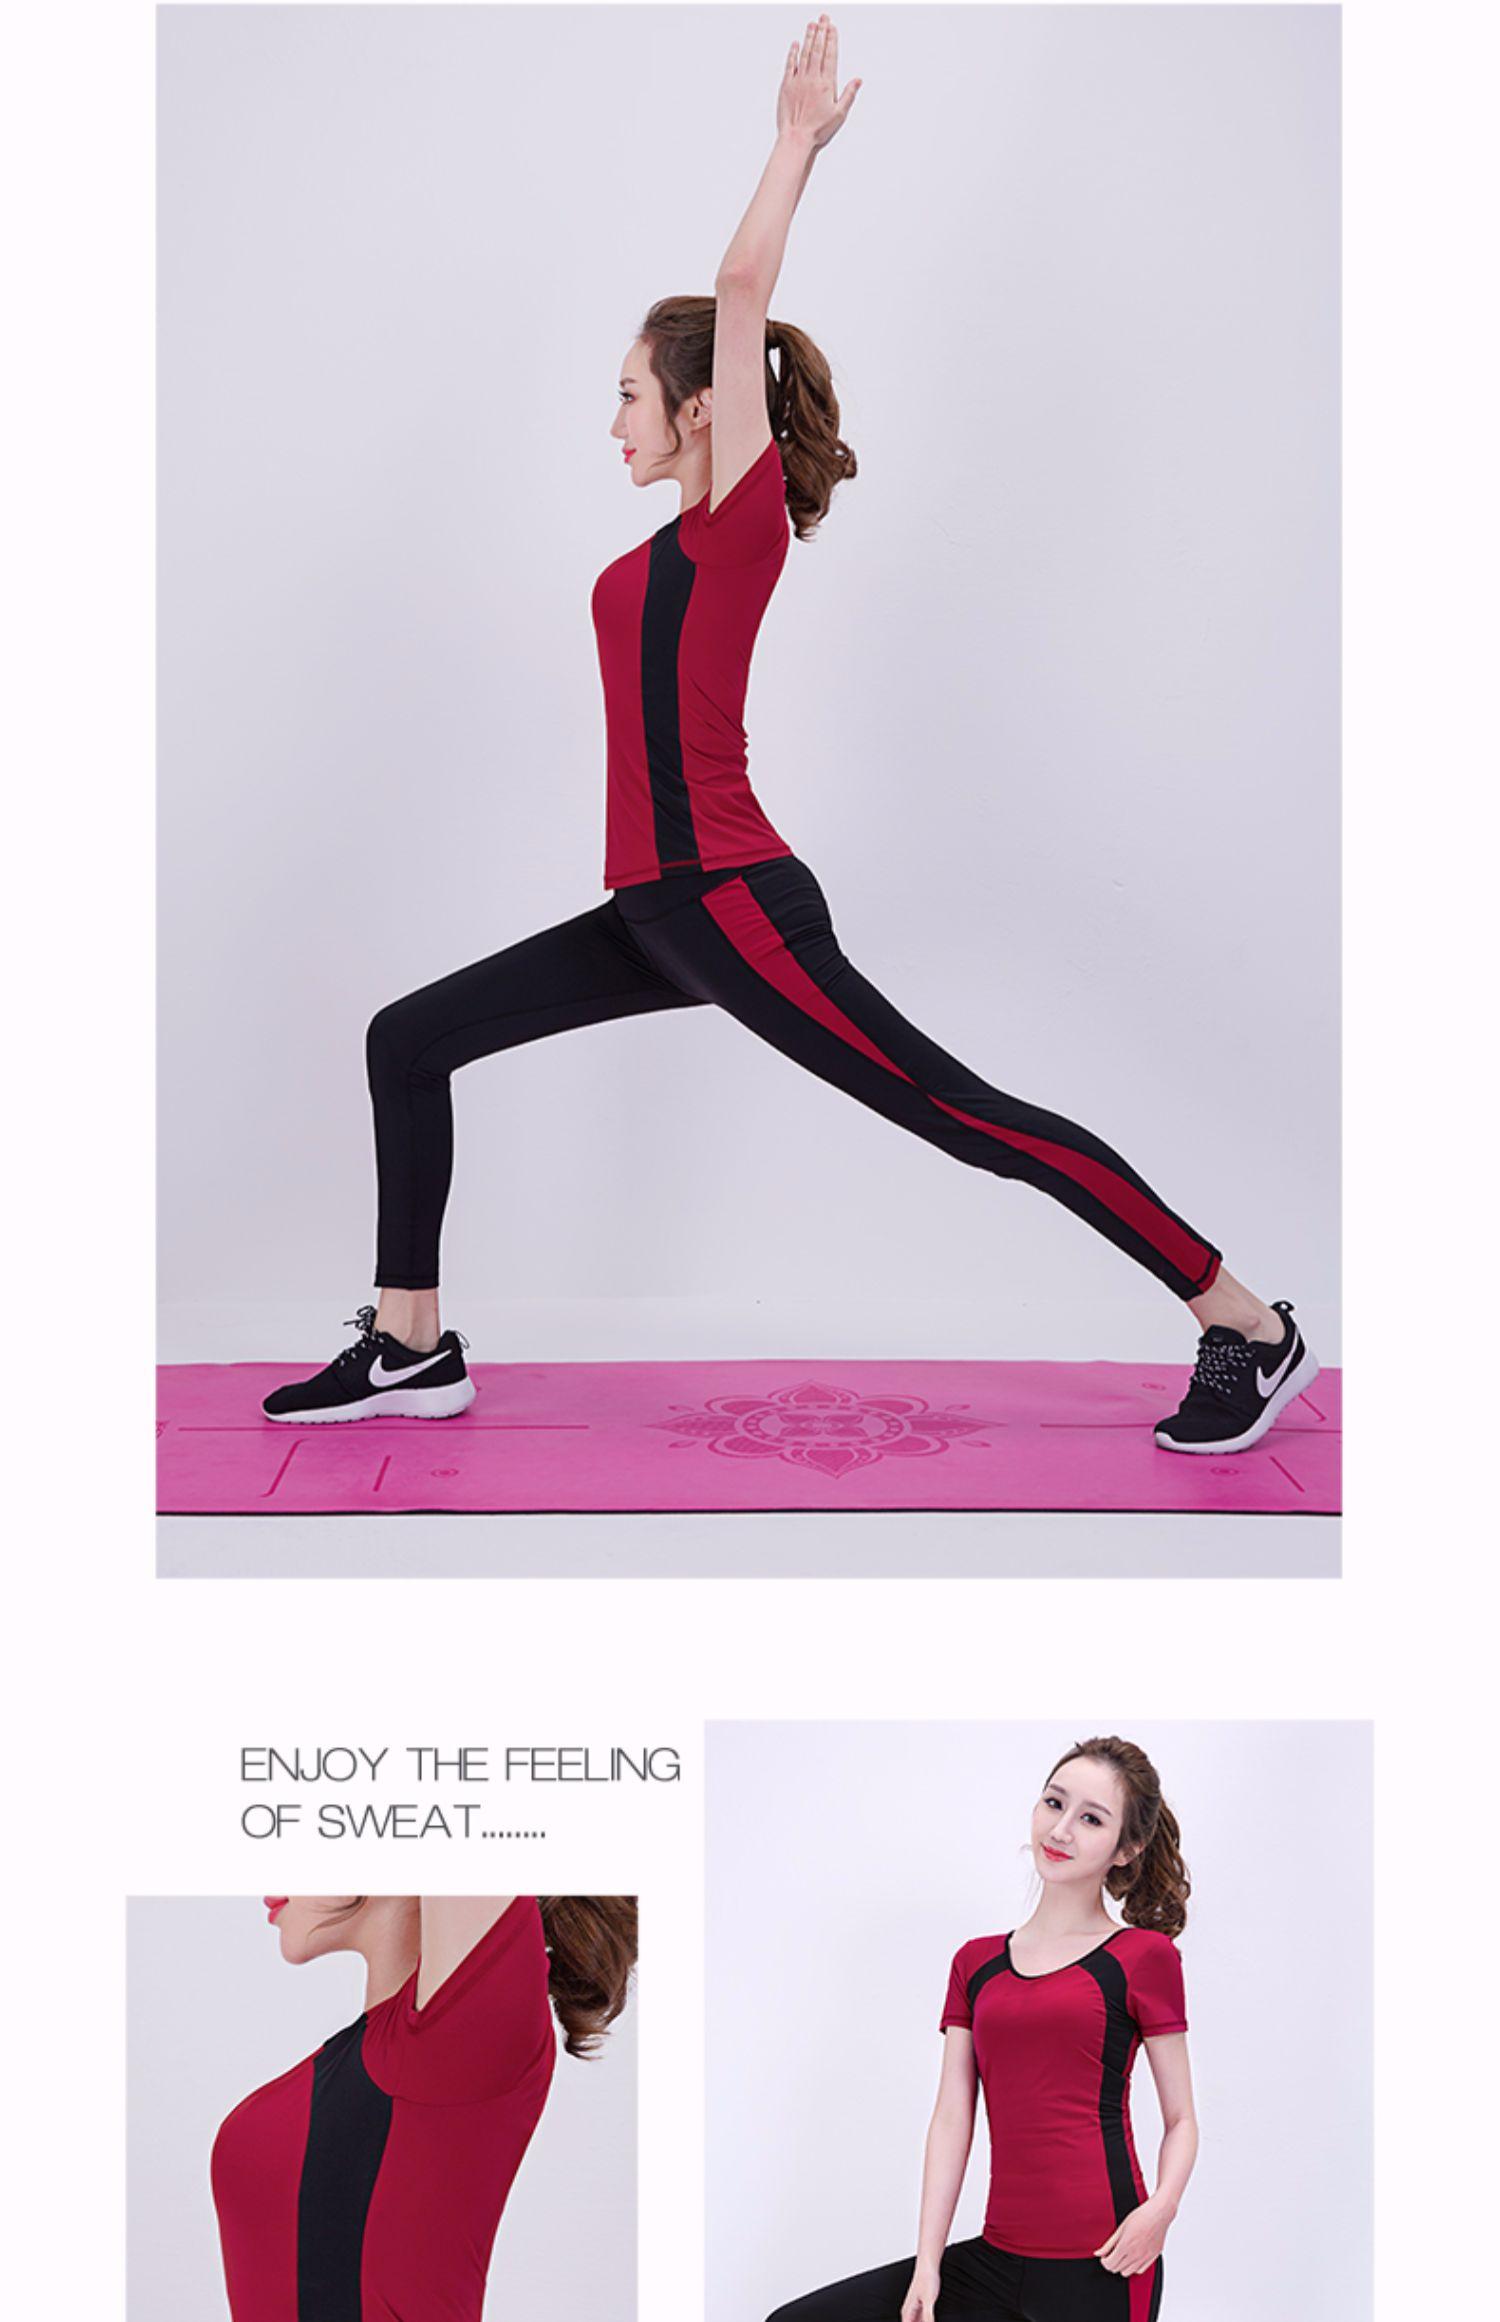 伽美斯春夏季短袖健身服女运动服套装紧身跑步健身专业瑜伽服套装商品详情图